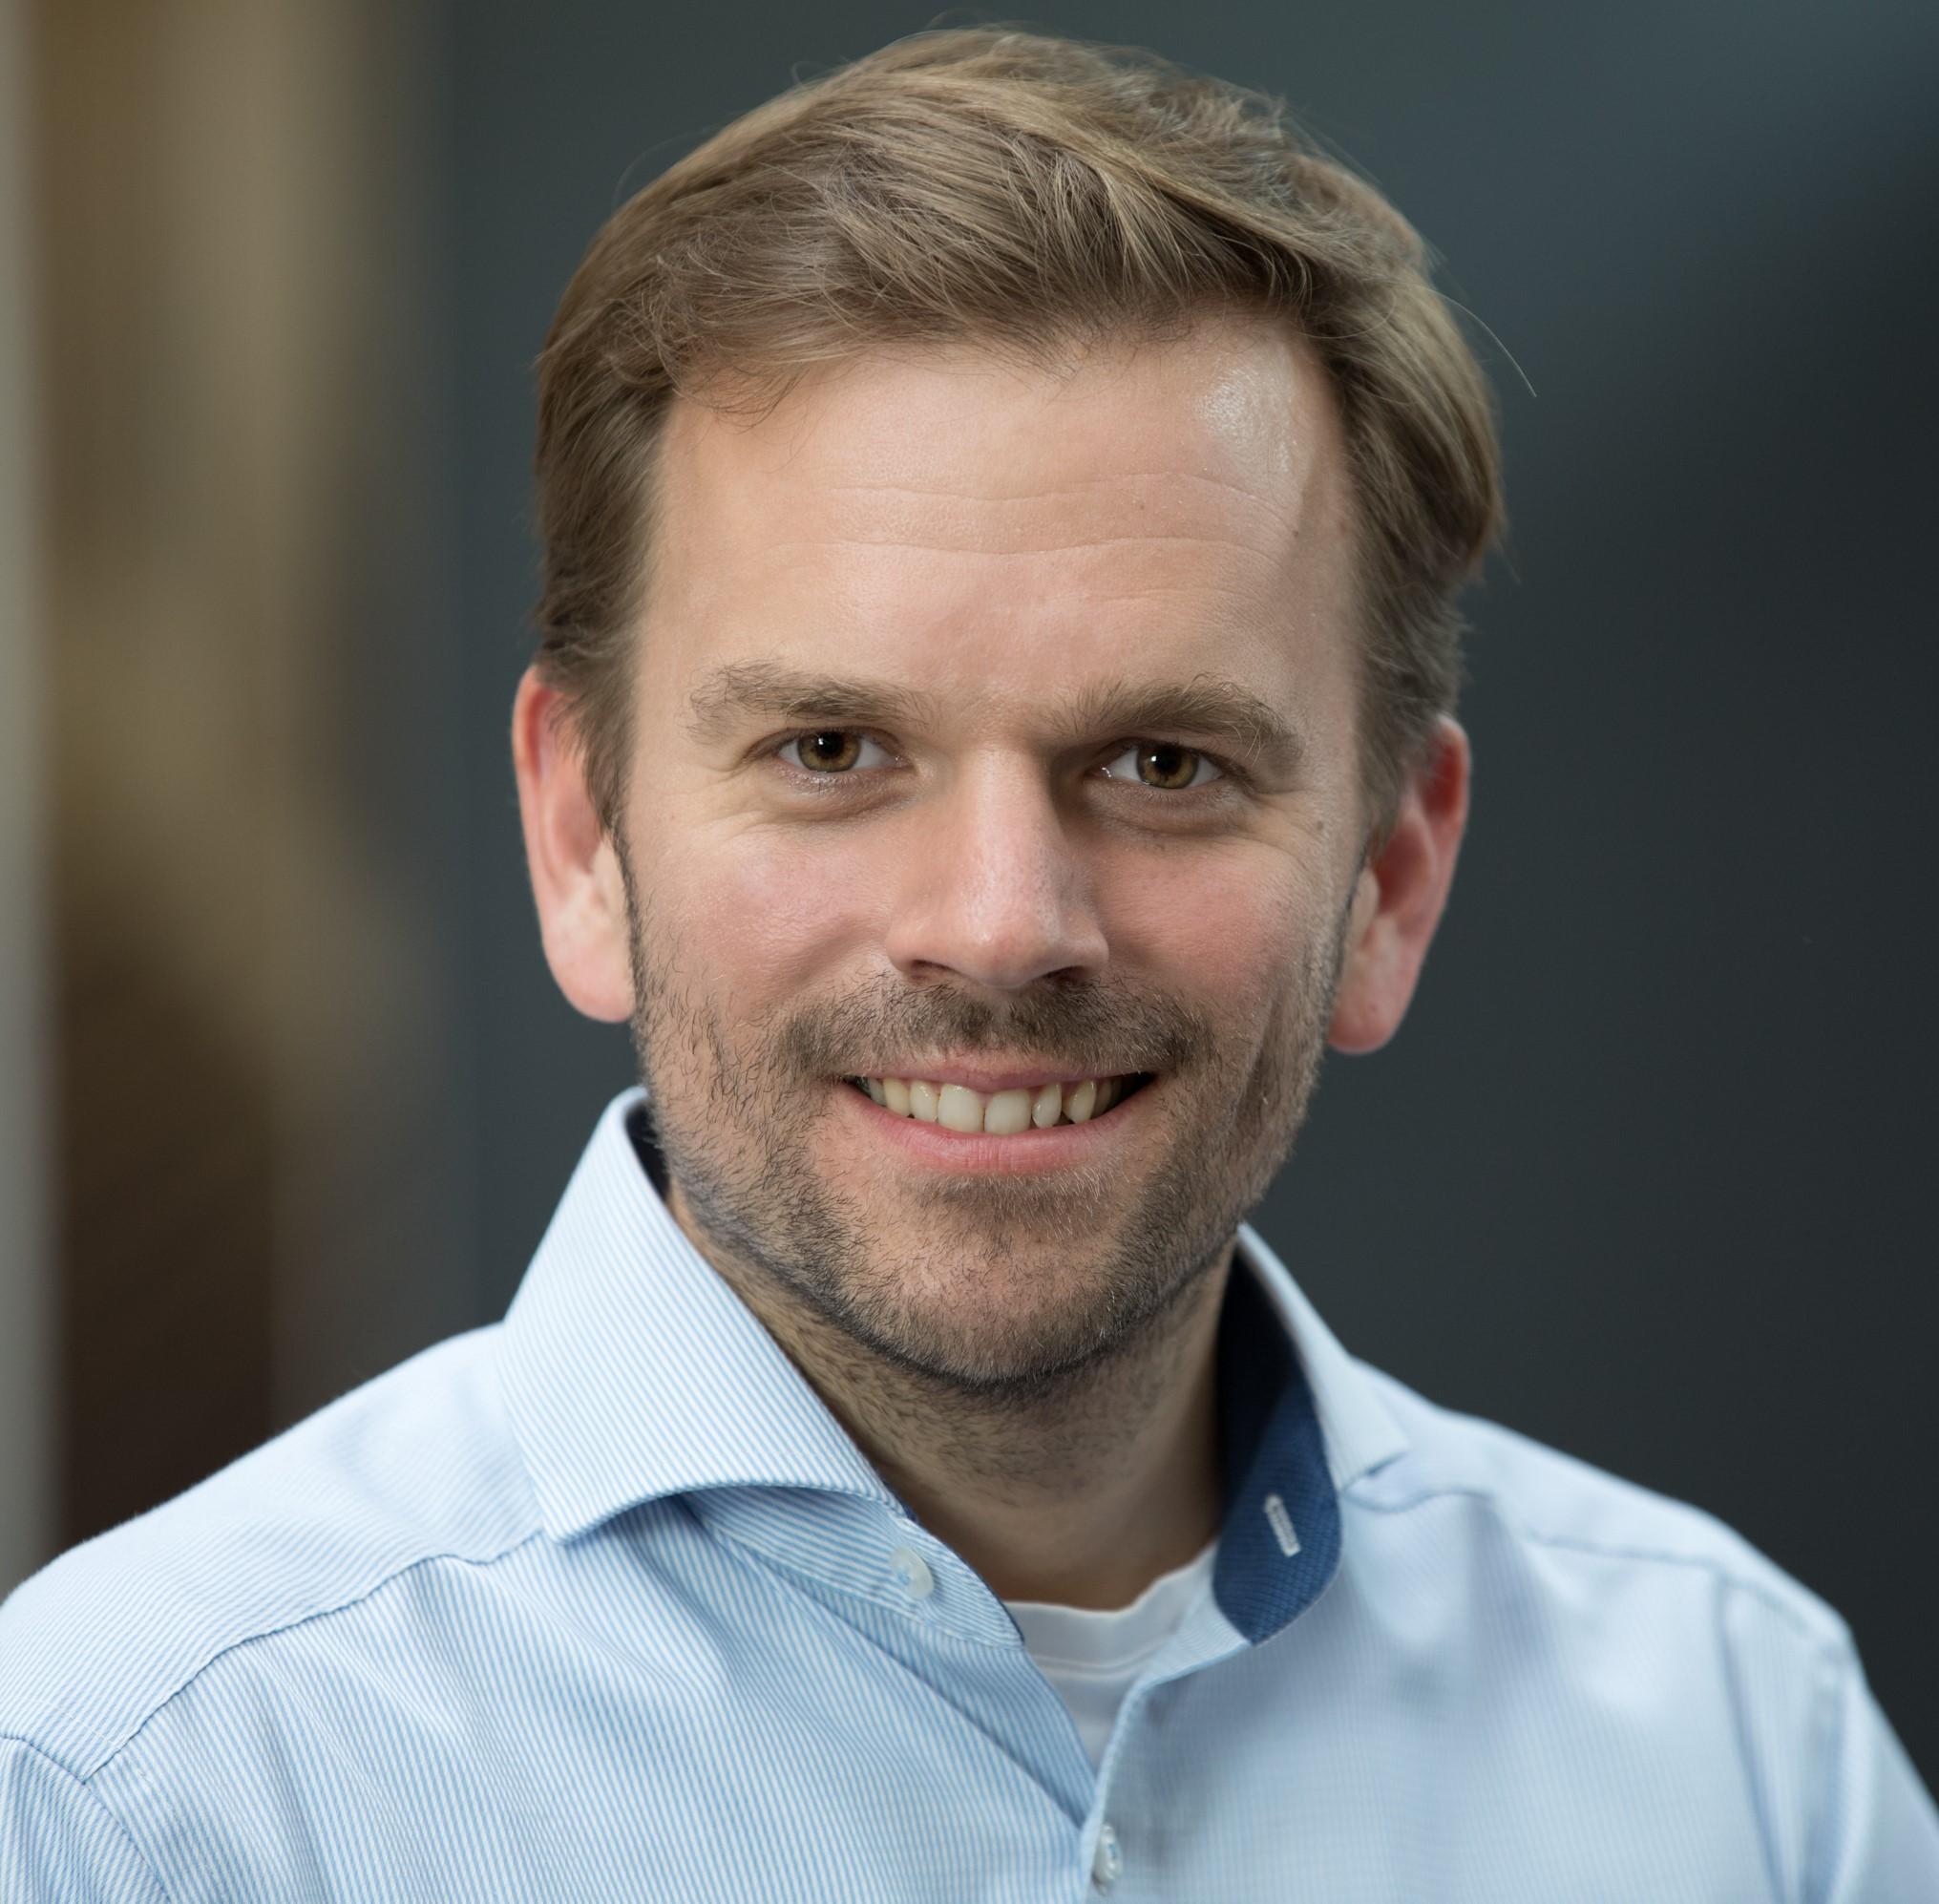 Dr. Christian Grotemeier